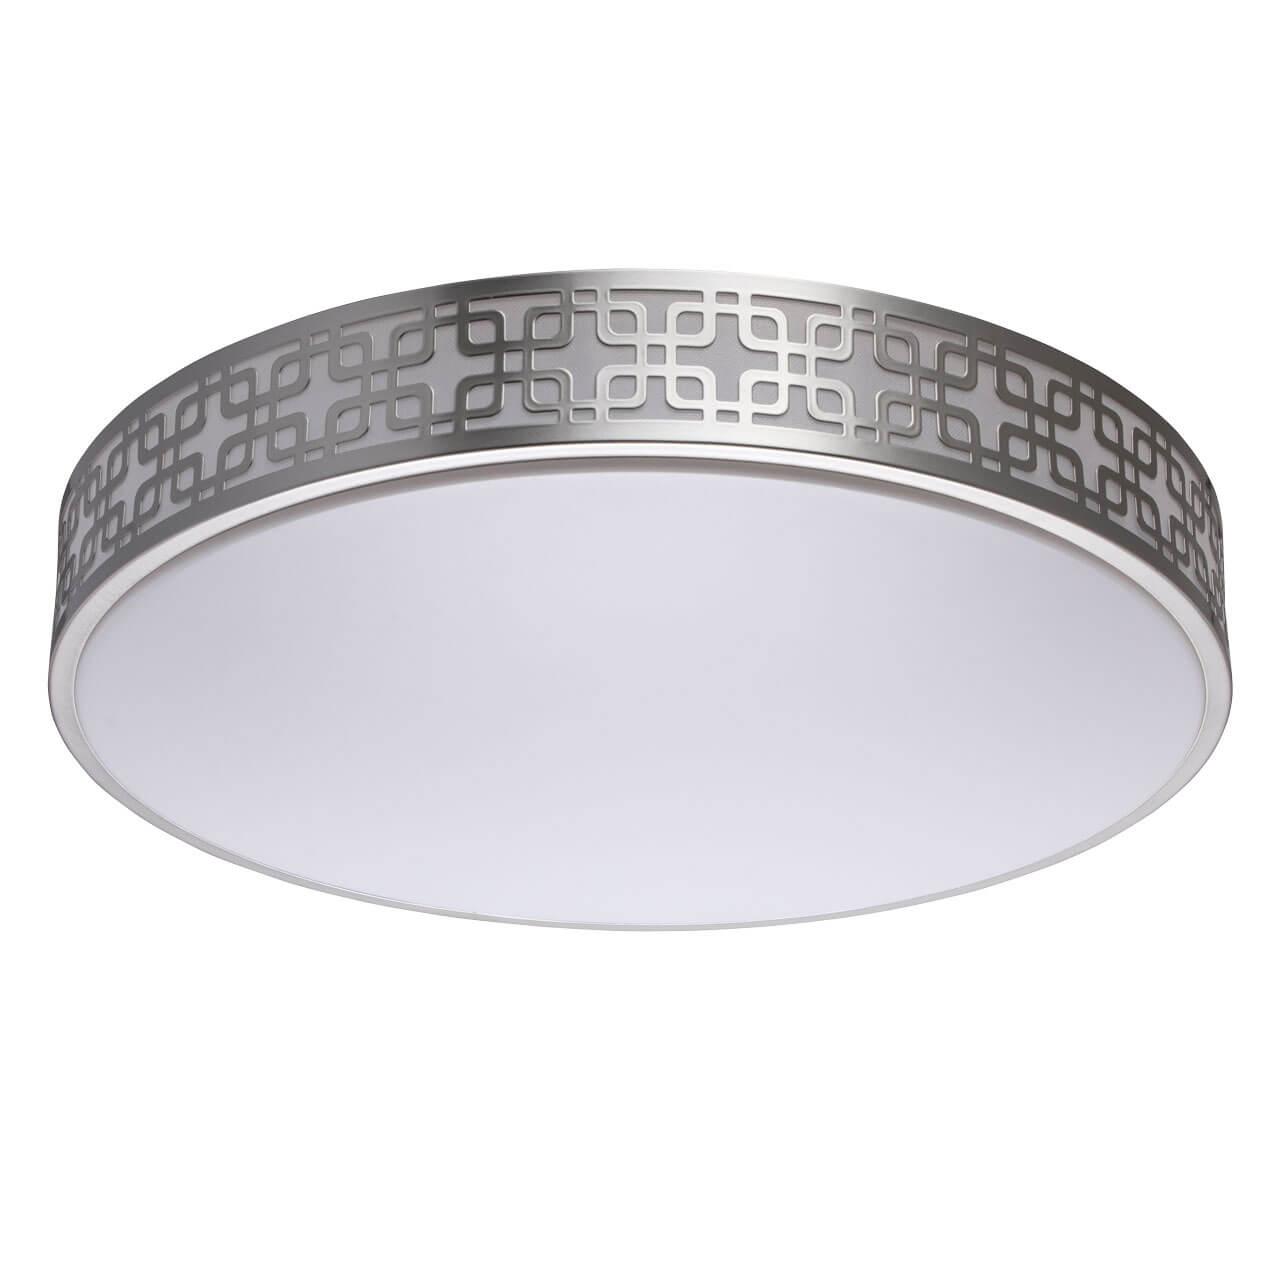 Потолочный светодиодный светильник ДУ De Markt Ривз 11 674015401